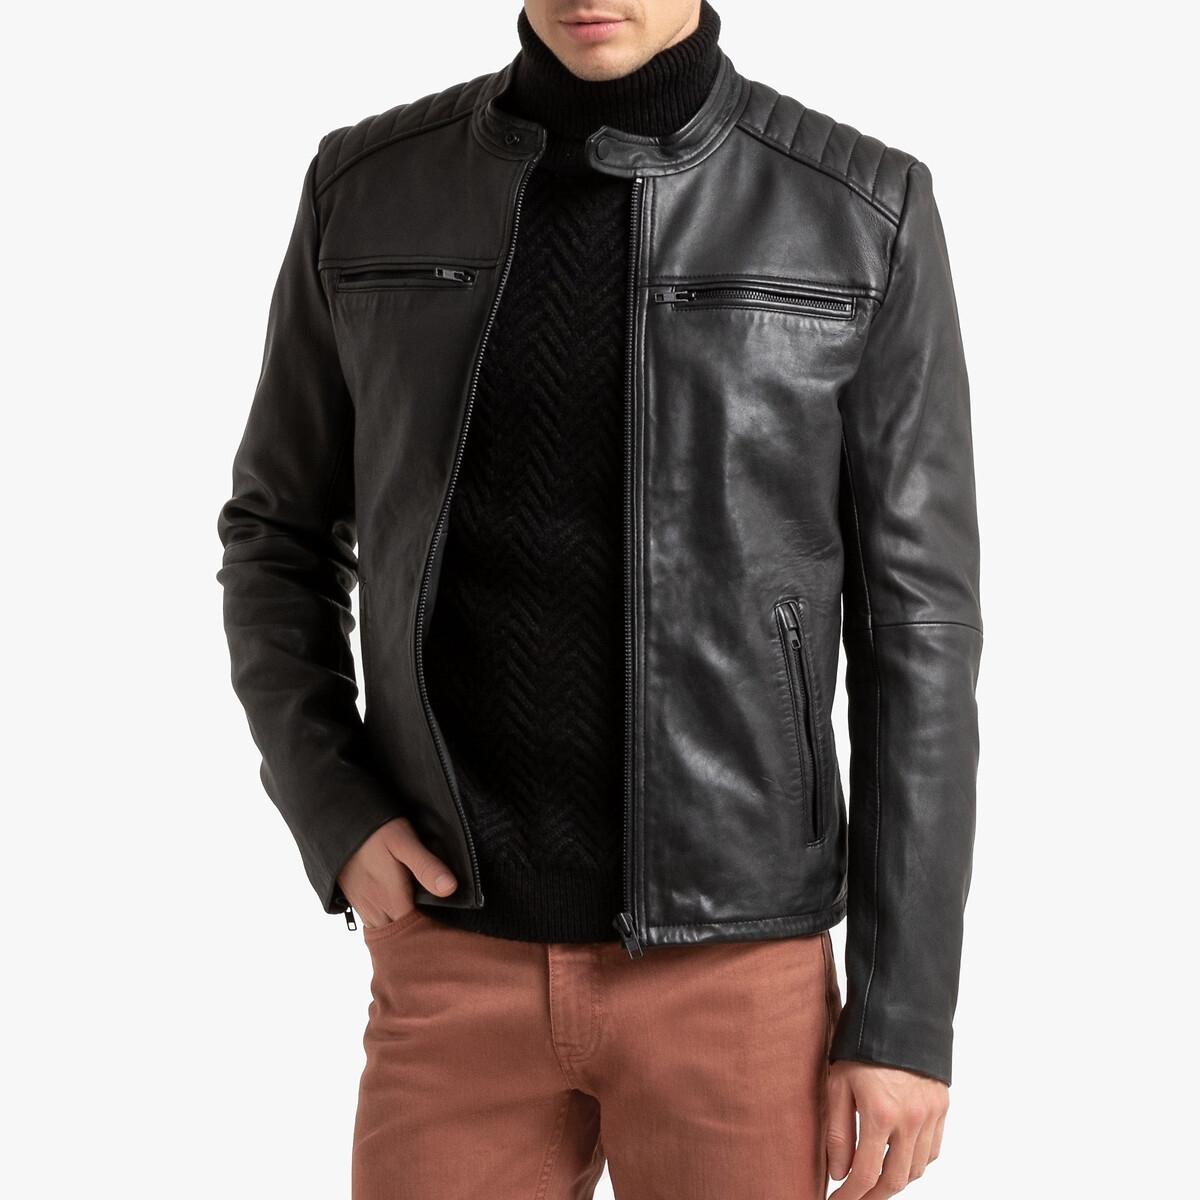 Blusão em pele de carneiro, estilo motard